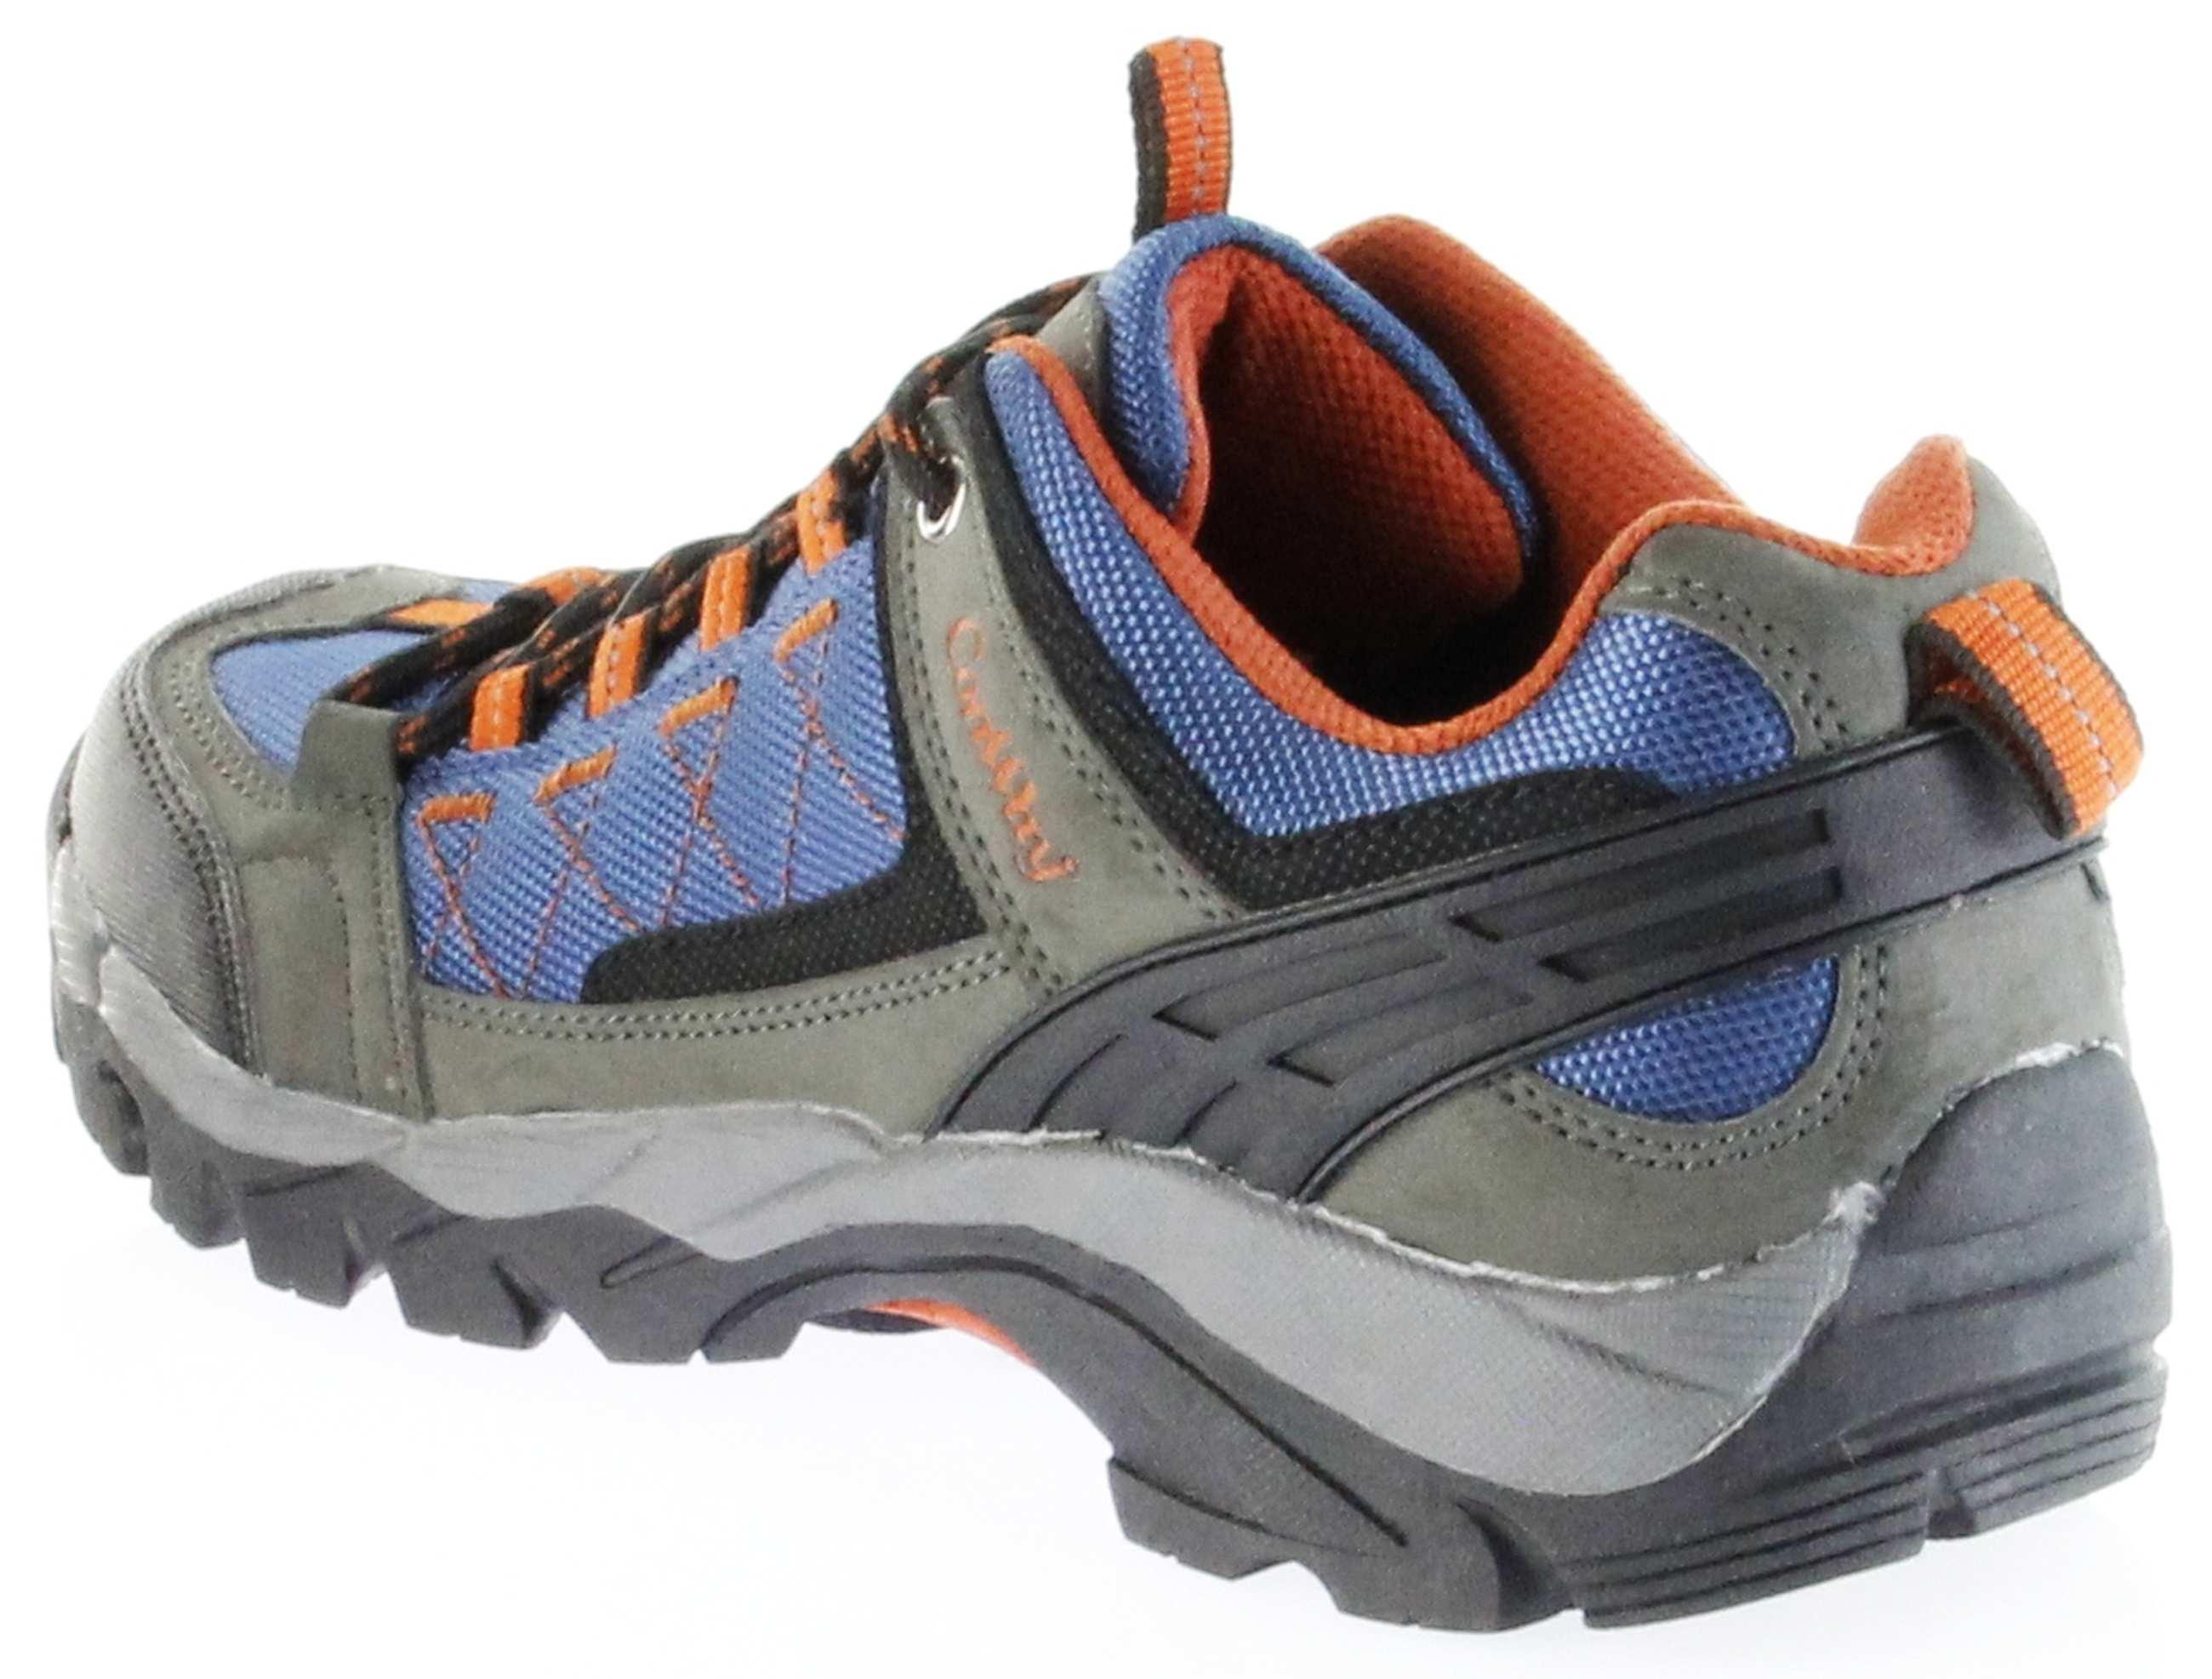 ConWay Sportschuhe Blau Herren Damen Outdoor Trekking Schuhe Nauders Blau Orange, Farbe:Blau, Größe:37